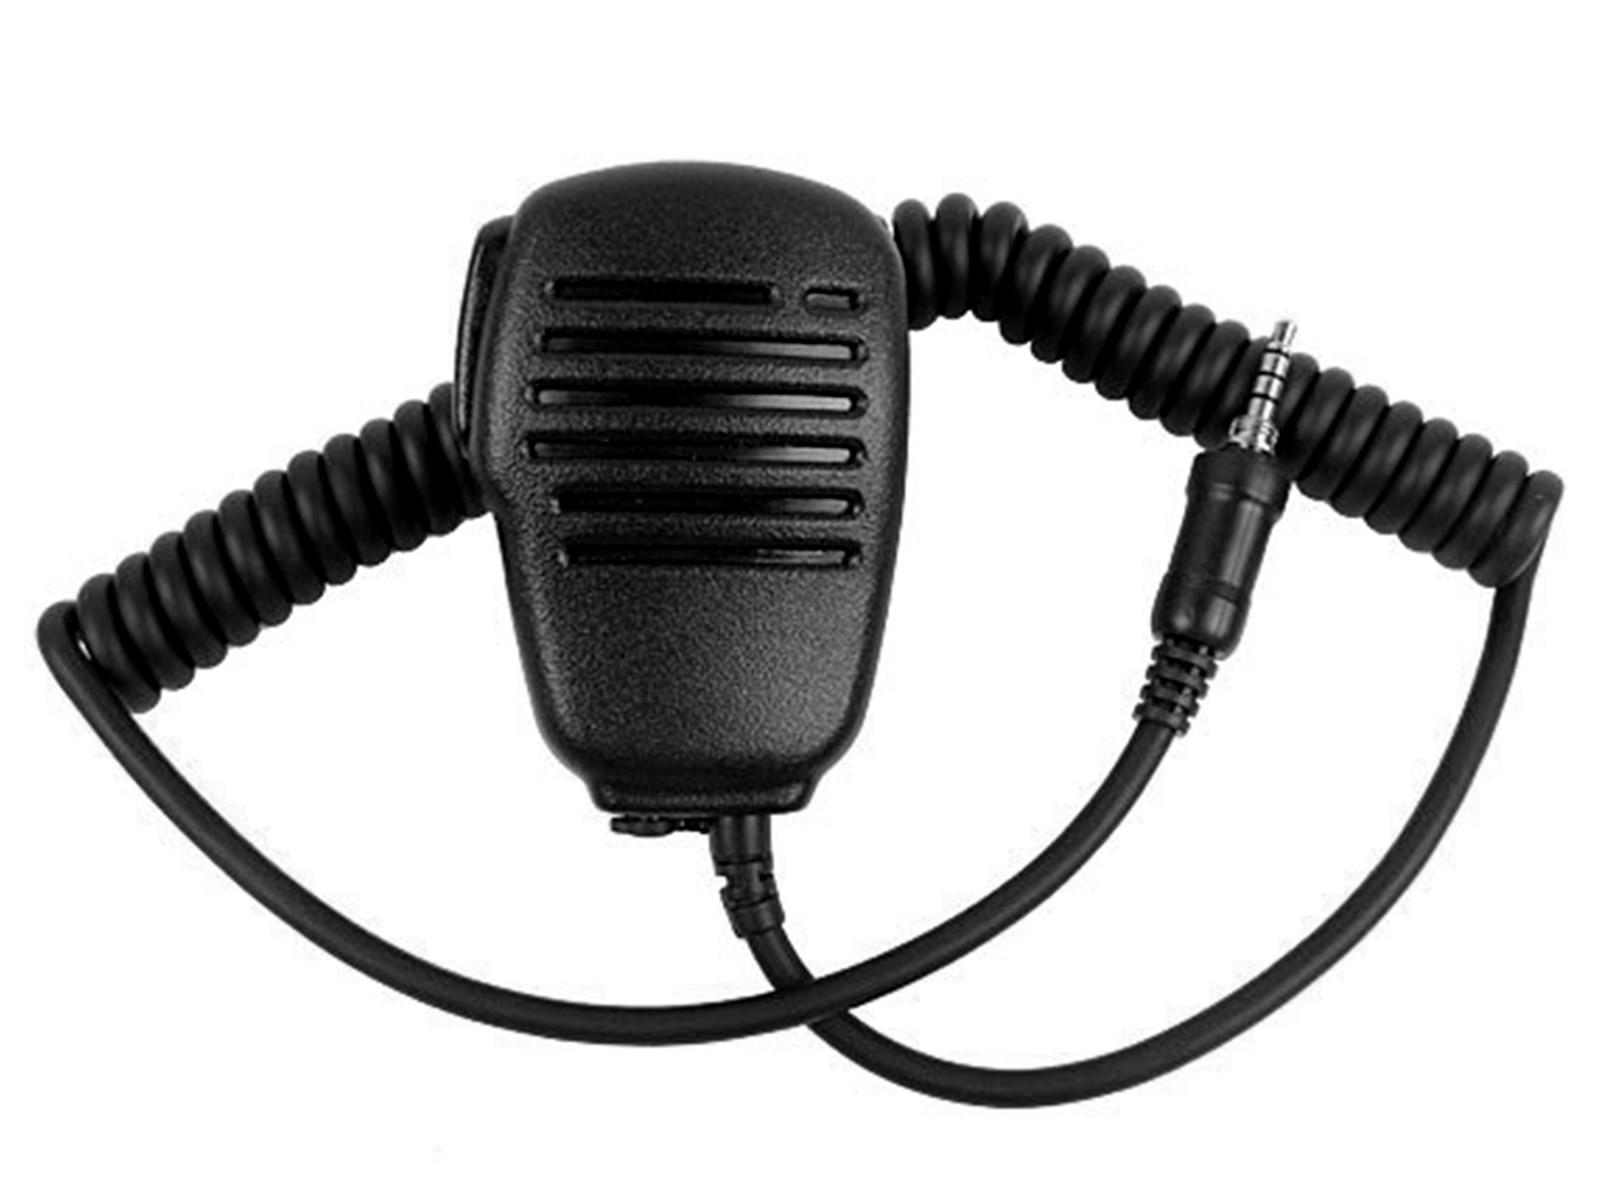 vertex headset wiring diagrams free download wiring diagram 12 14headset with mic wiring diagram 120 wiring diagram rh a26 siezendevisser nl